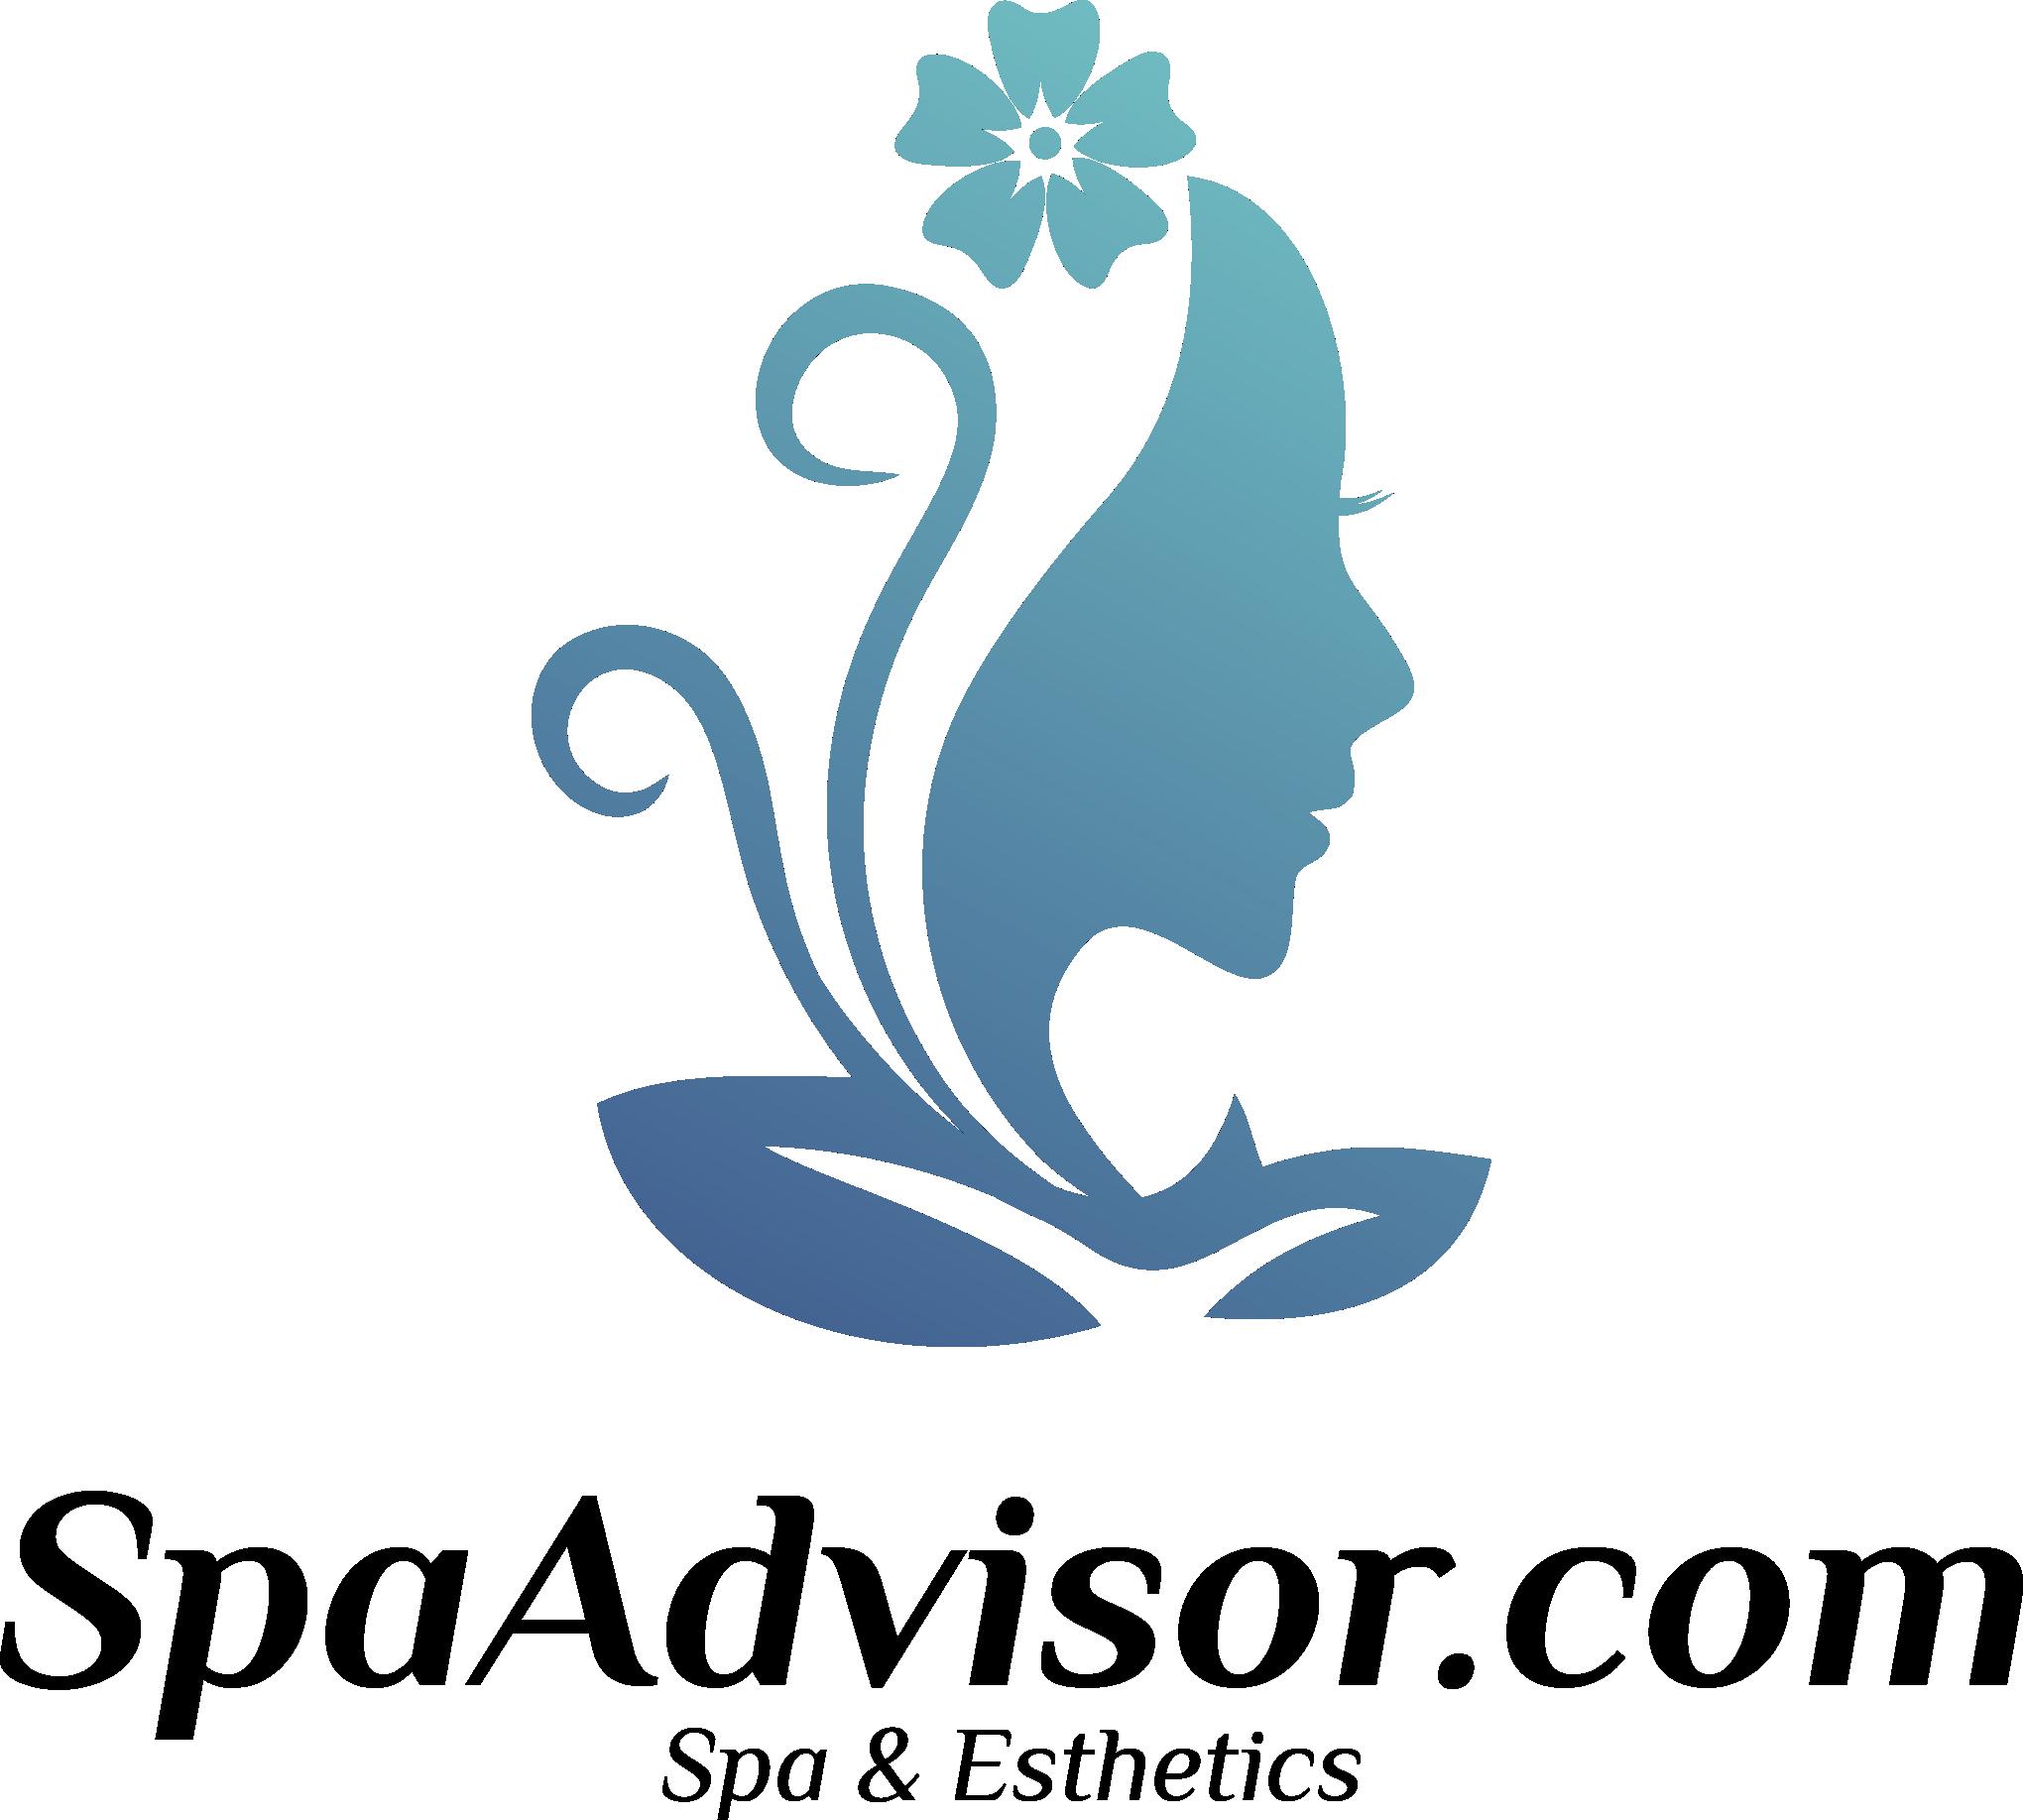 Logo for SpaAdvisor.com